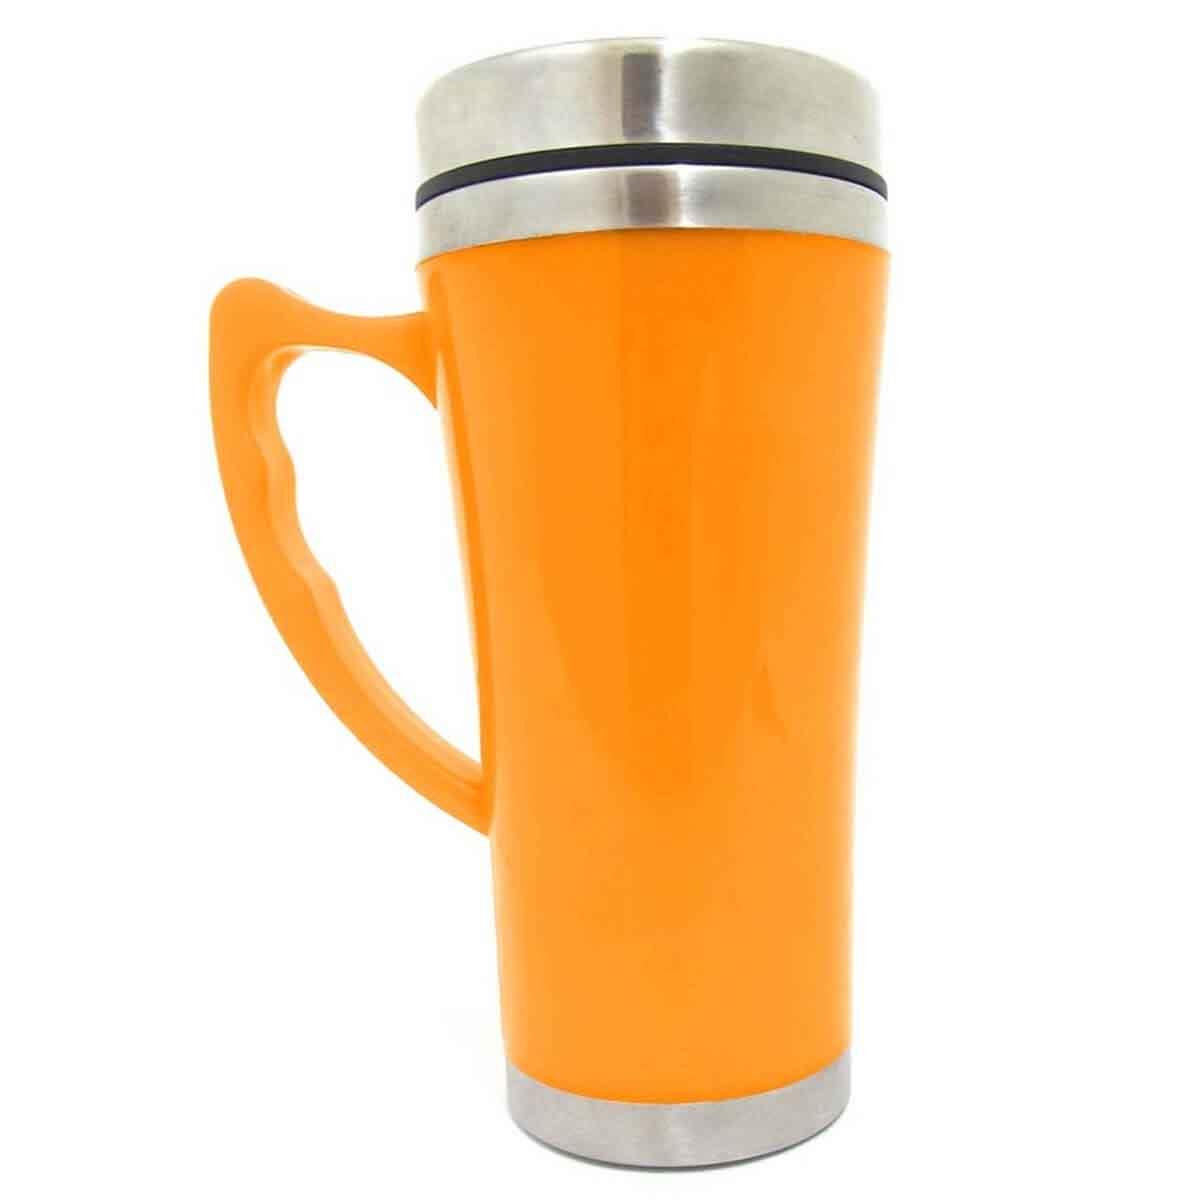 La taza ideal para que disfrute su caf - Taza termica para cafe ...